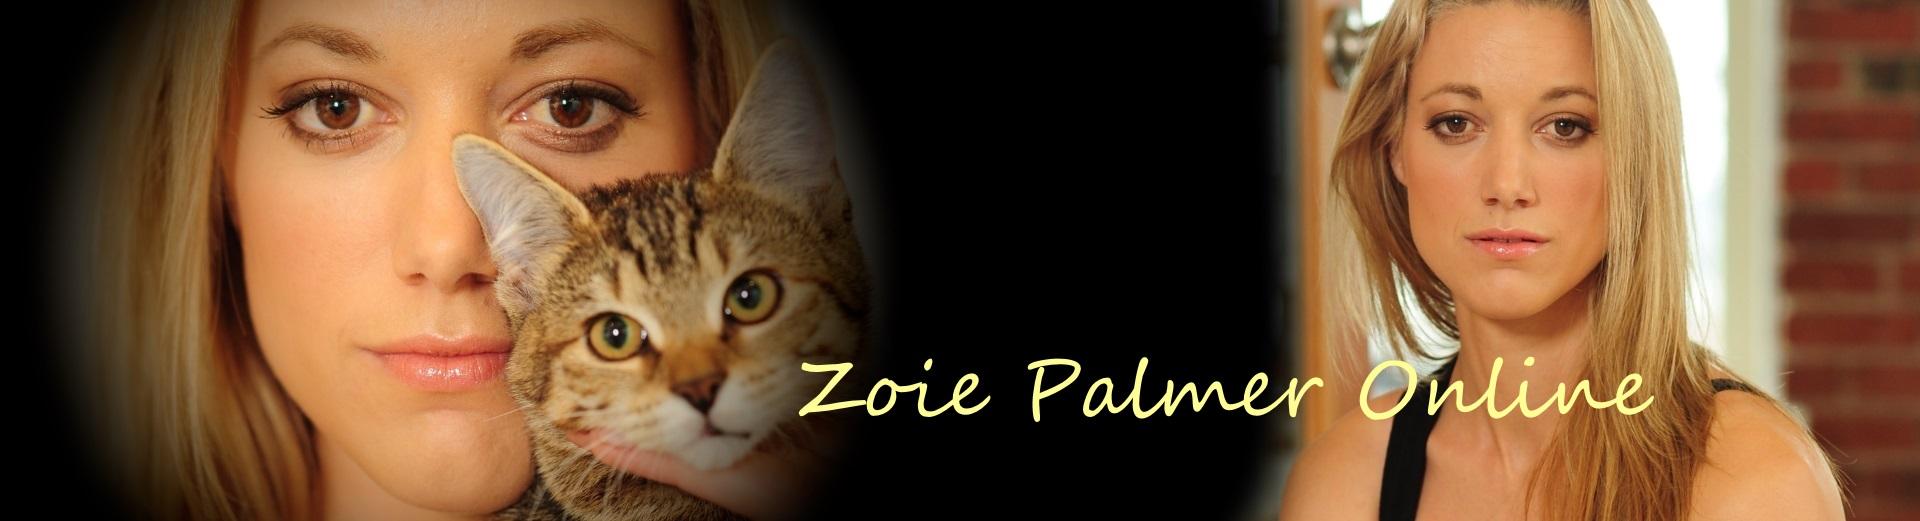 Zoie Palmer Online Forum